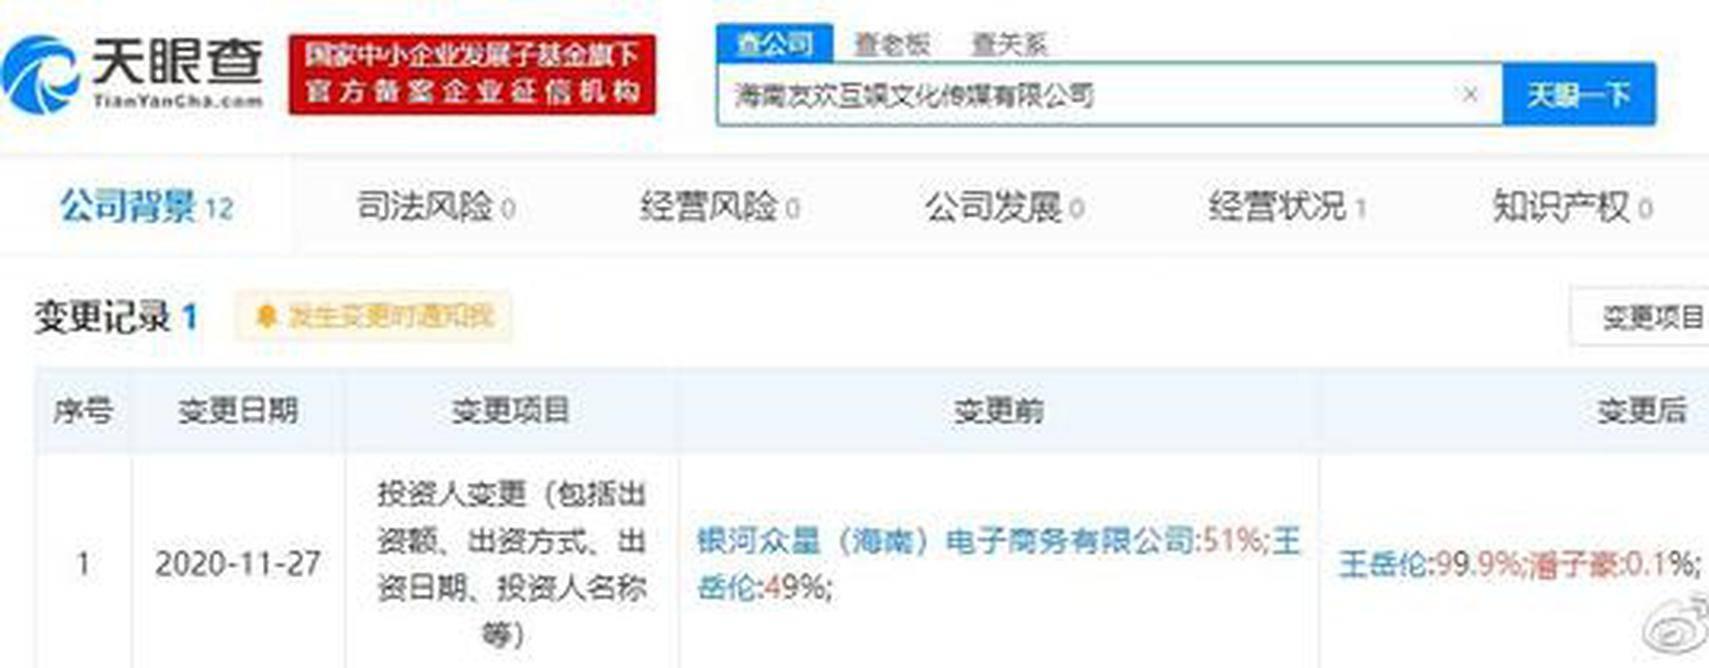 李湘关联公司投资人工商变更 王岳伦成最大股东持股99.9%